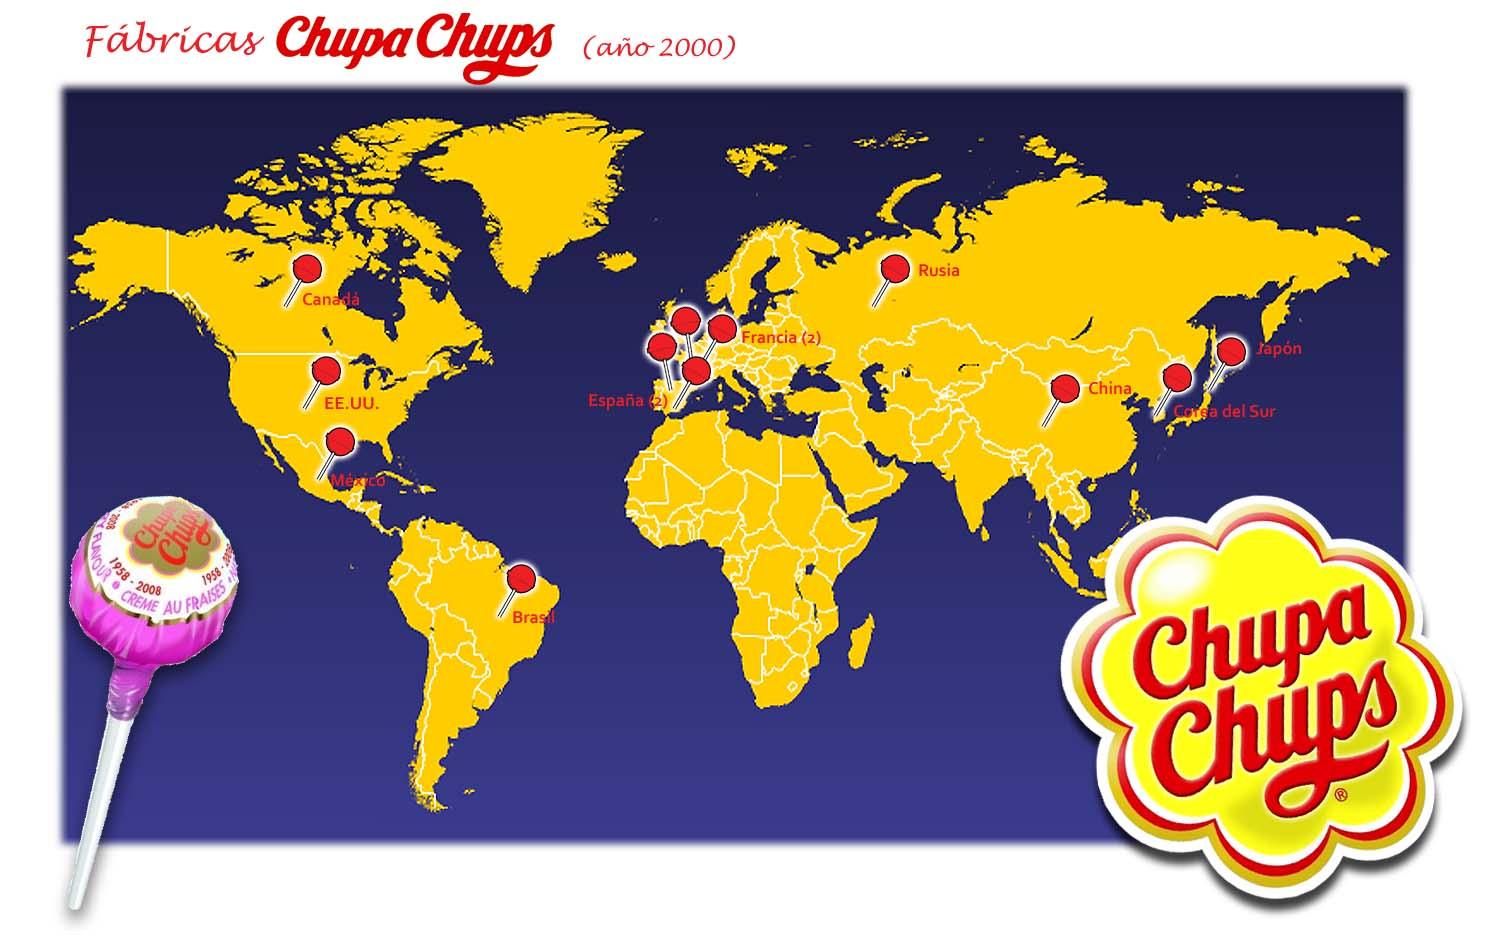 s a chupa chups Lo podemos decir bien orgullosos: chupa chups® es la primera, y única, marca de caramelos en llegar al espacio y dar la vuelta a la tierra.